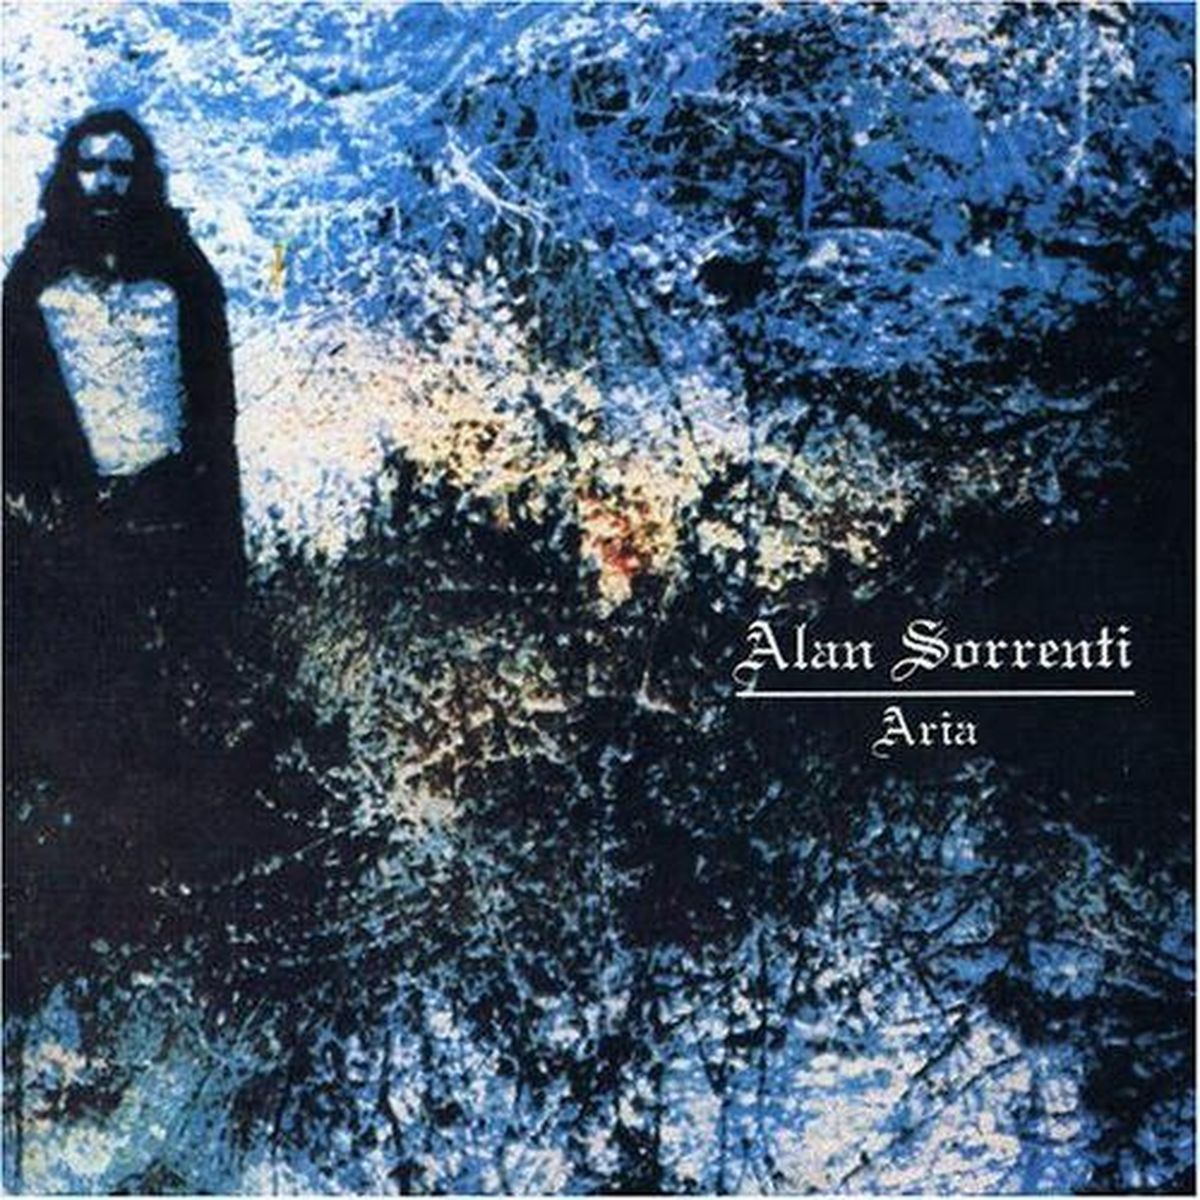 √ Alan Sorrenti - ARIA - la recensione di Rockol.it